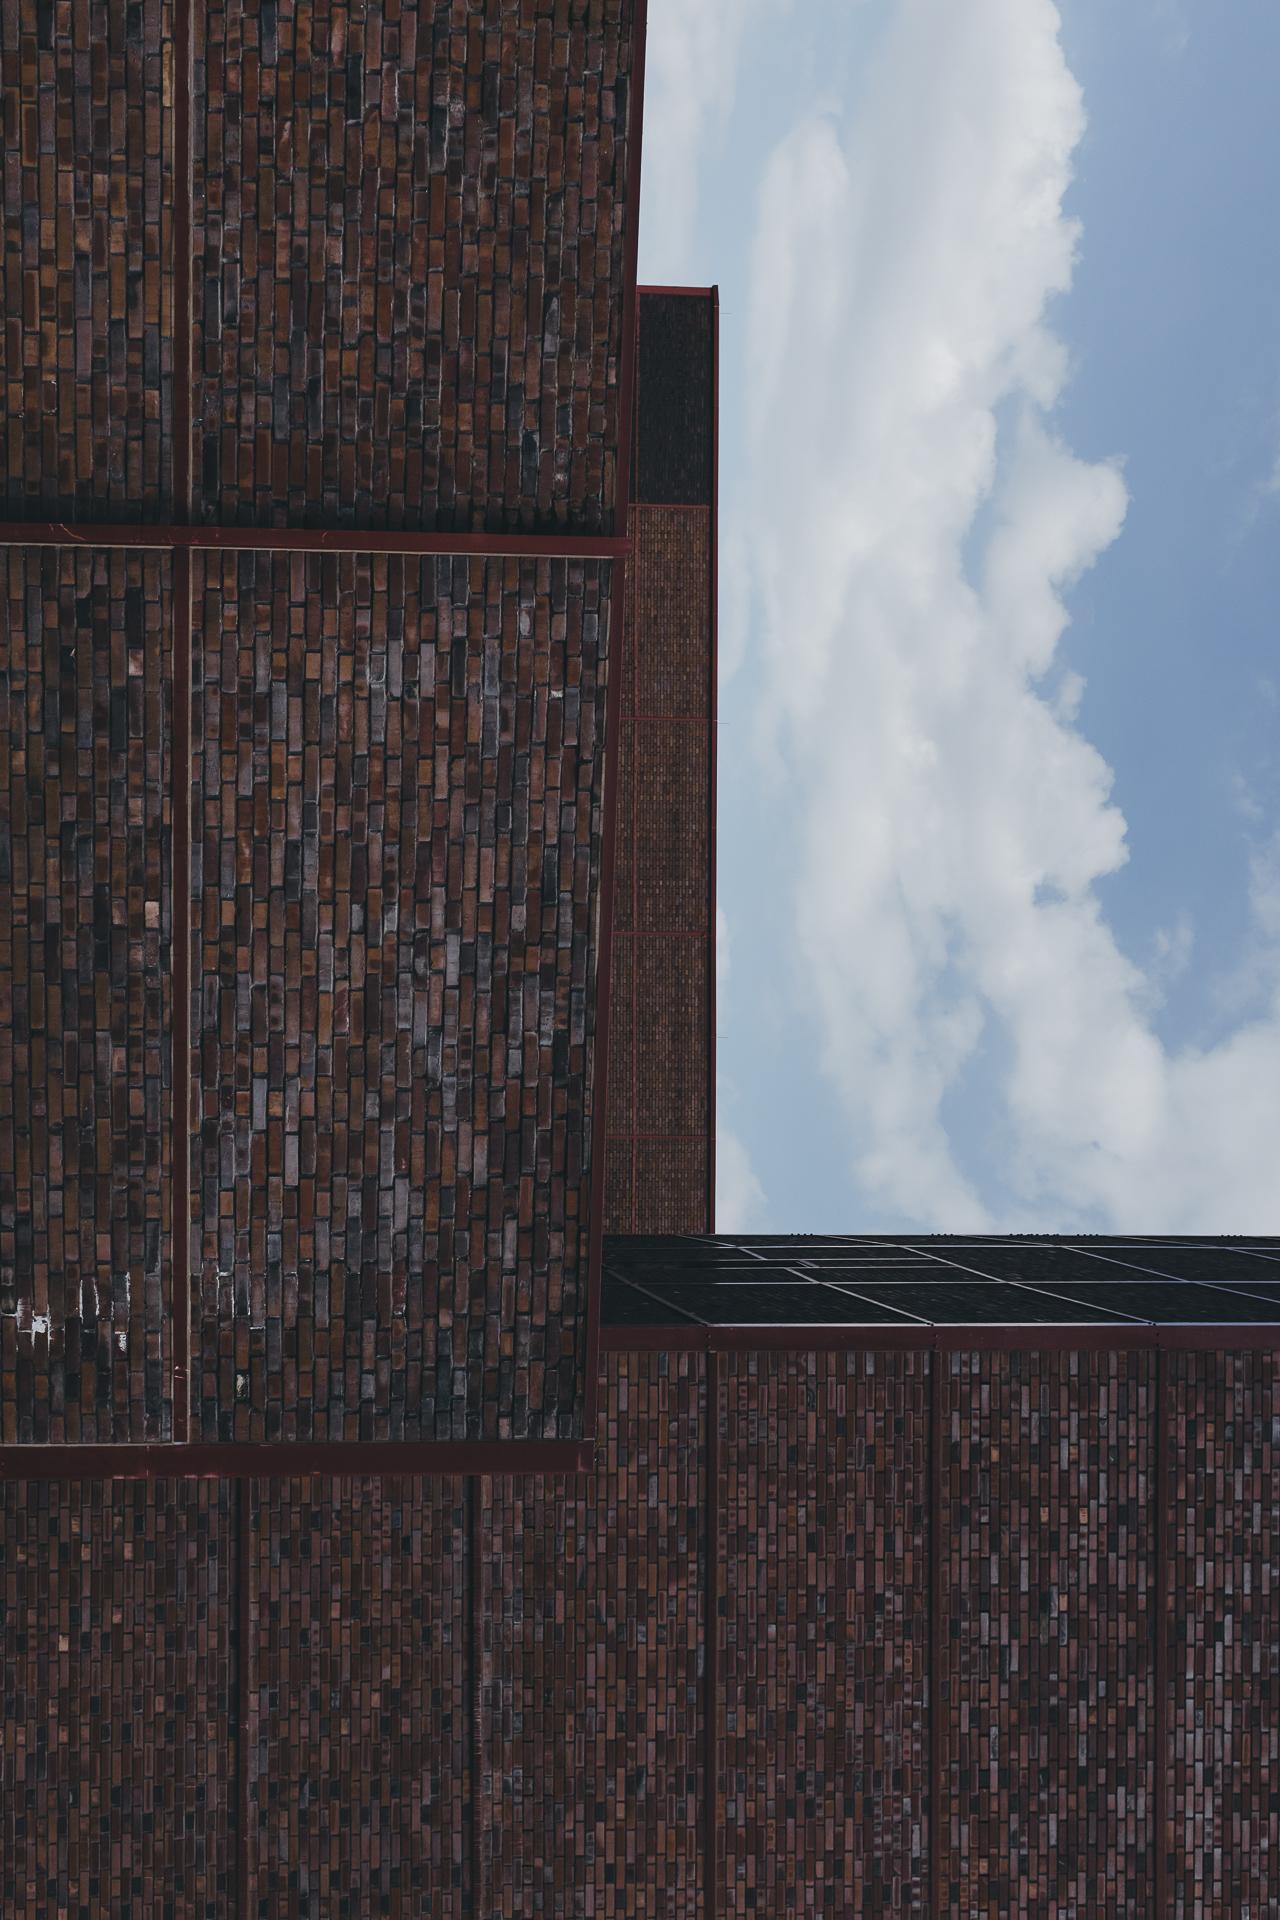 20200517_Essen_Zeche_Zollverein_00000000039